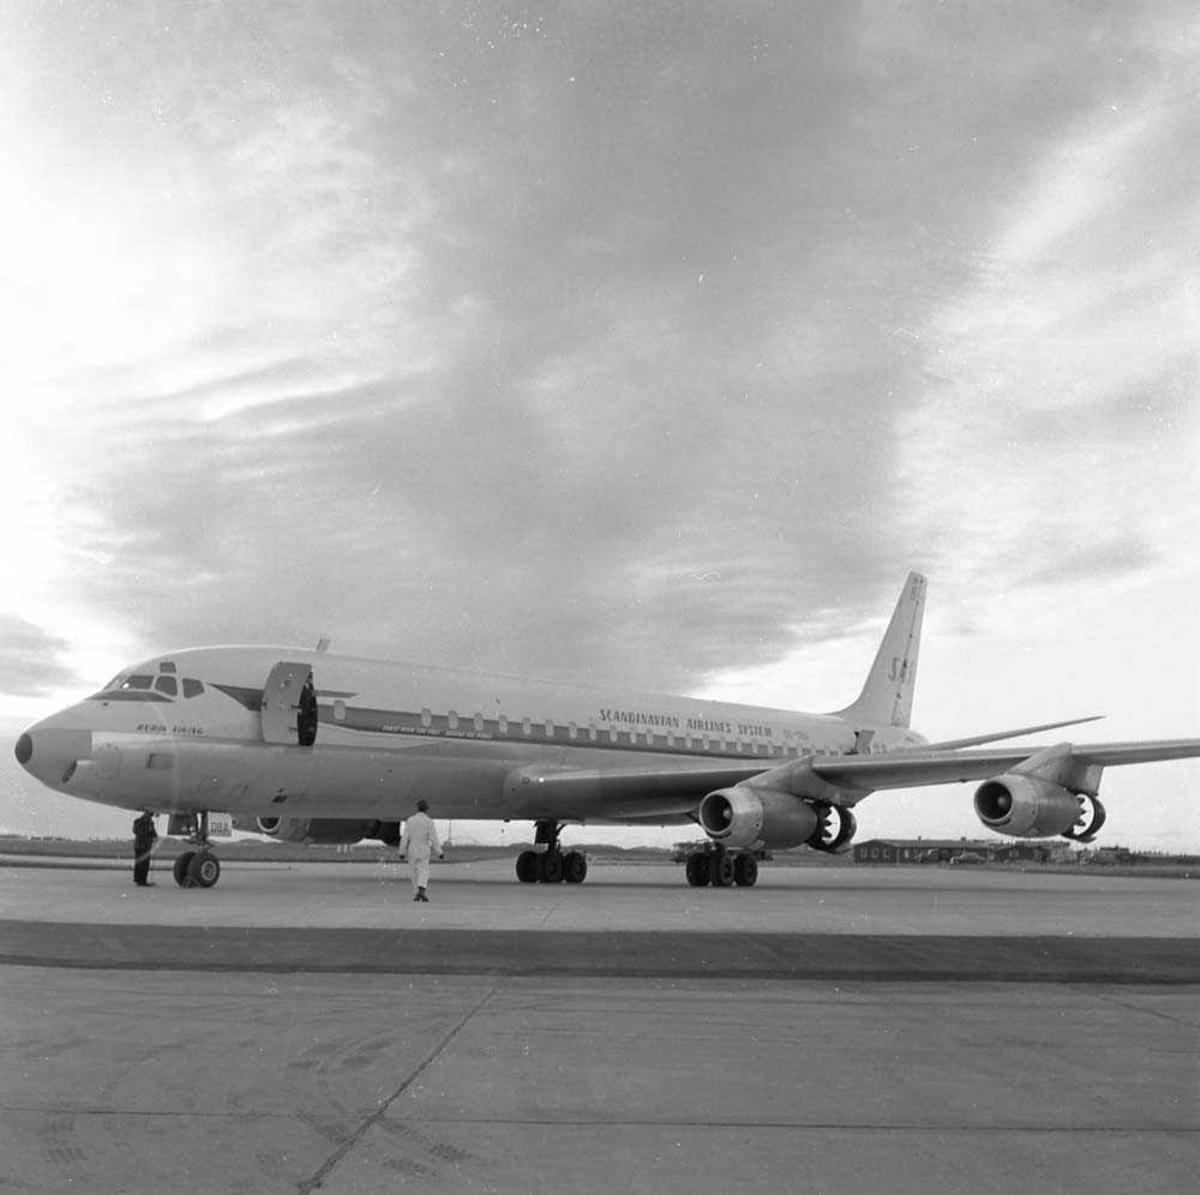 SAS har landet på Bodø flystasjon med en DC-8, SE-OBA.